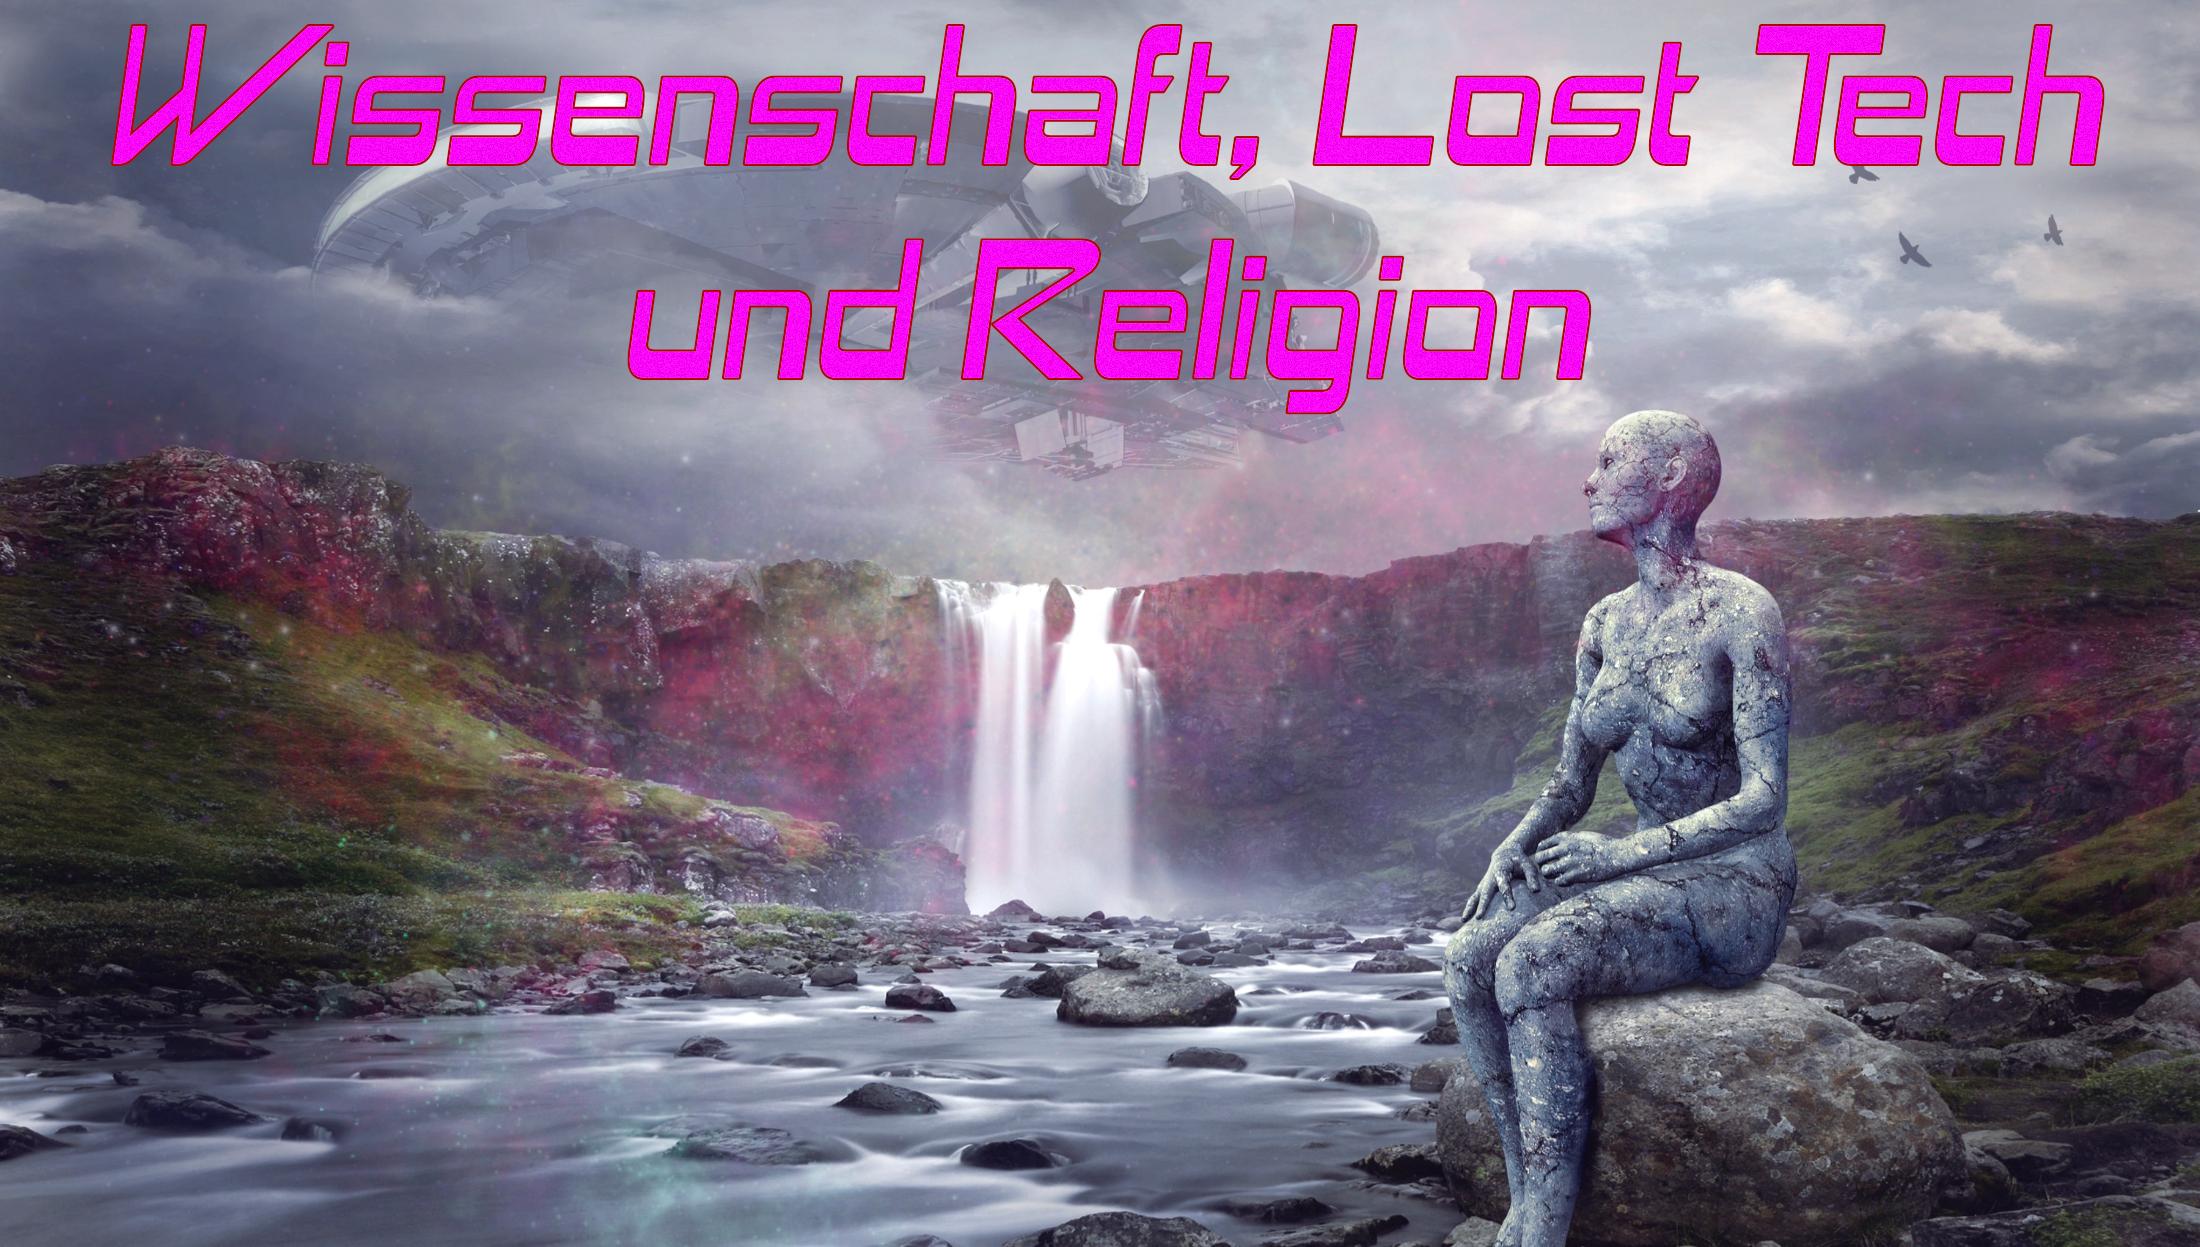 Wissenschaft, Lost Tech und Religion